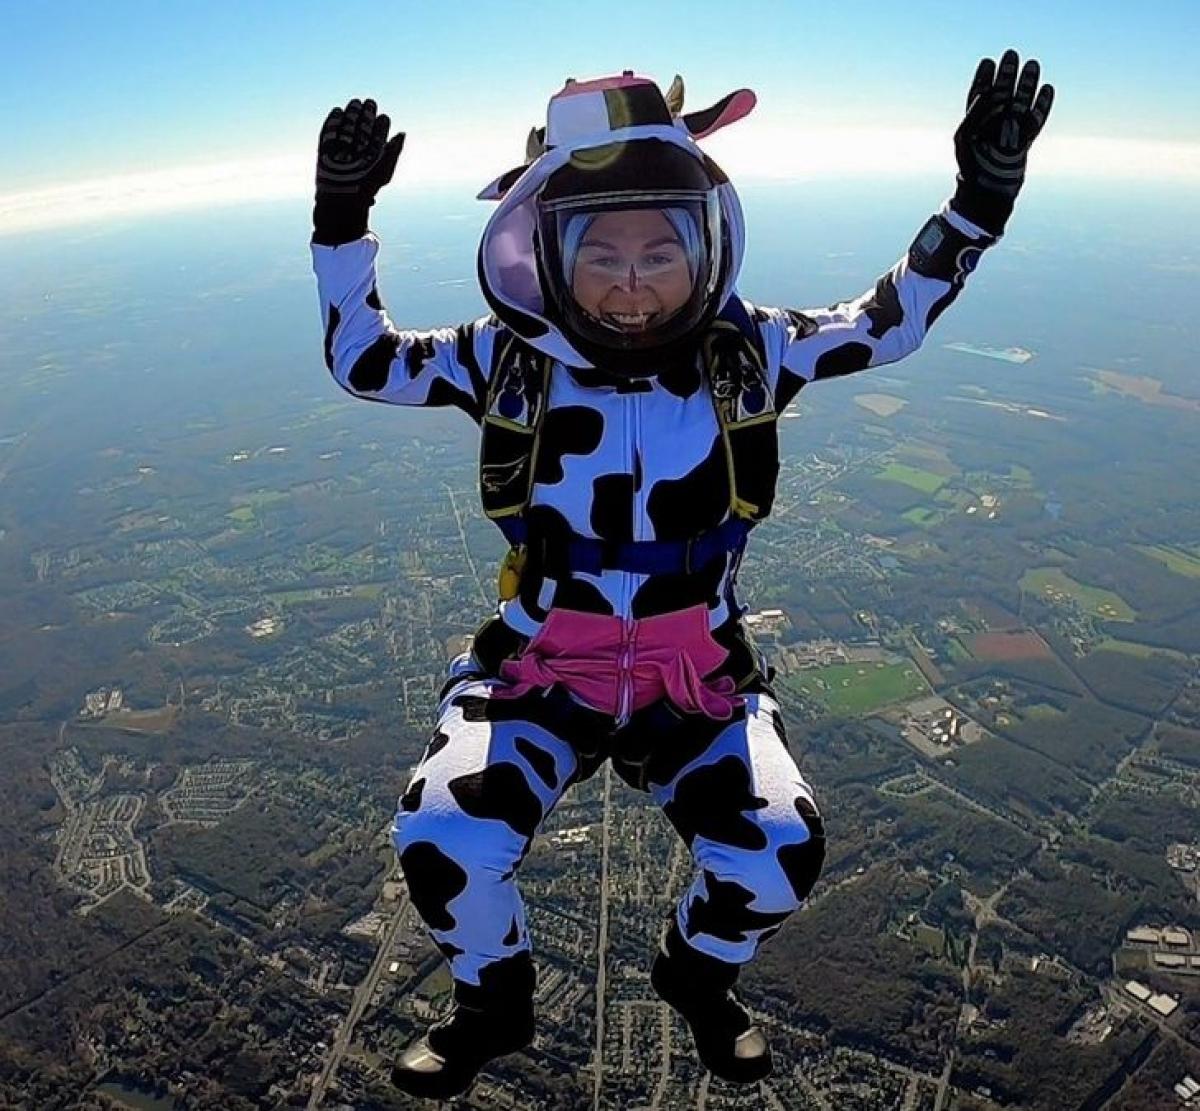 Nụ cười rạng rỡ của người phụ nữ khi bay dù lượn trên bầu trời.